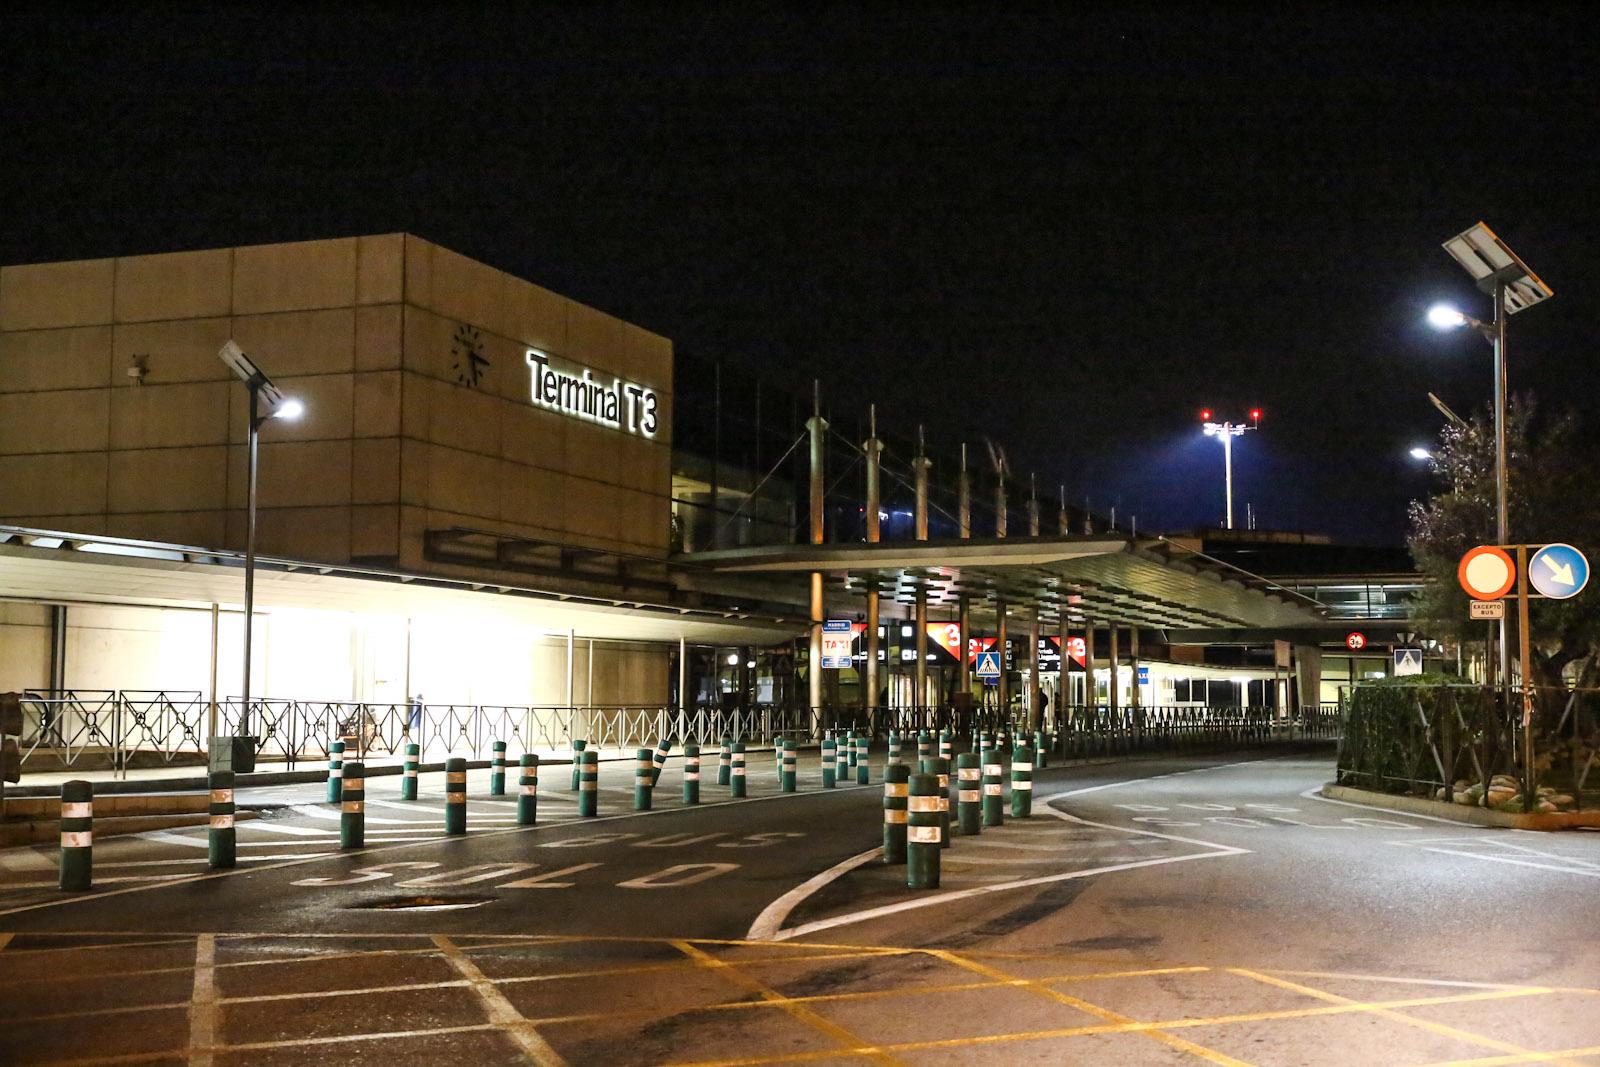 Терминал Т3 аэропорта Мадрид Барахас